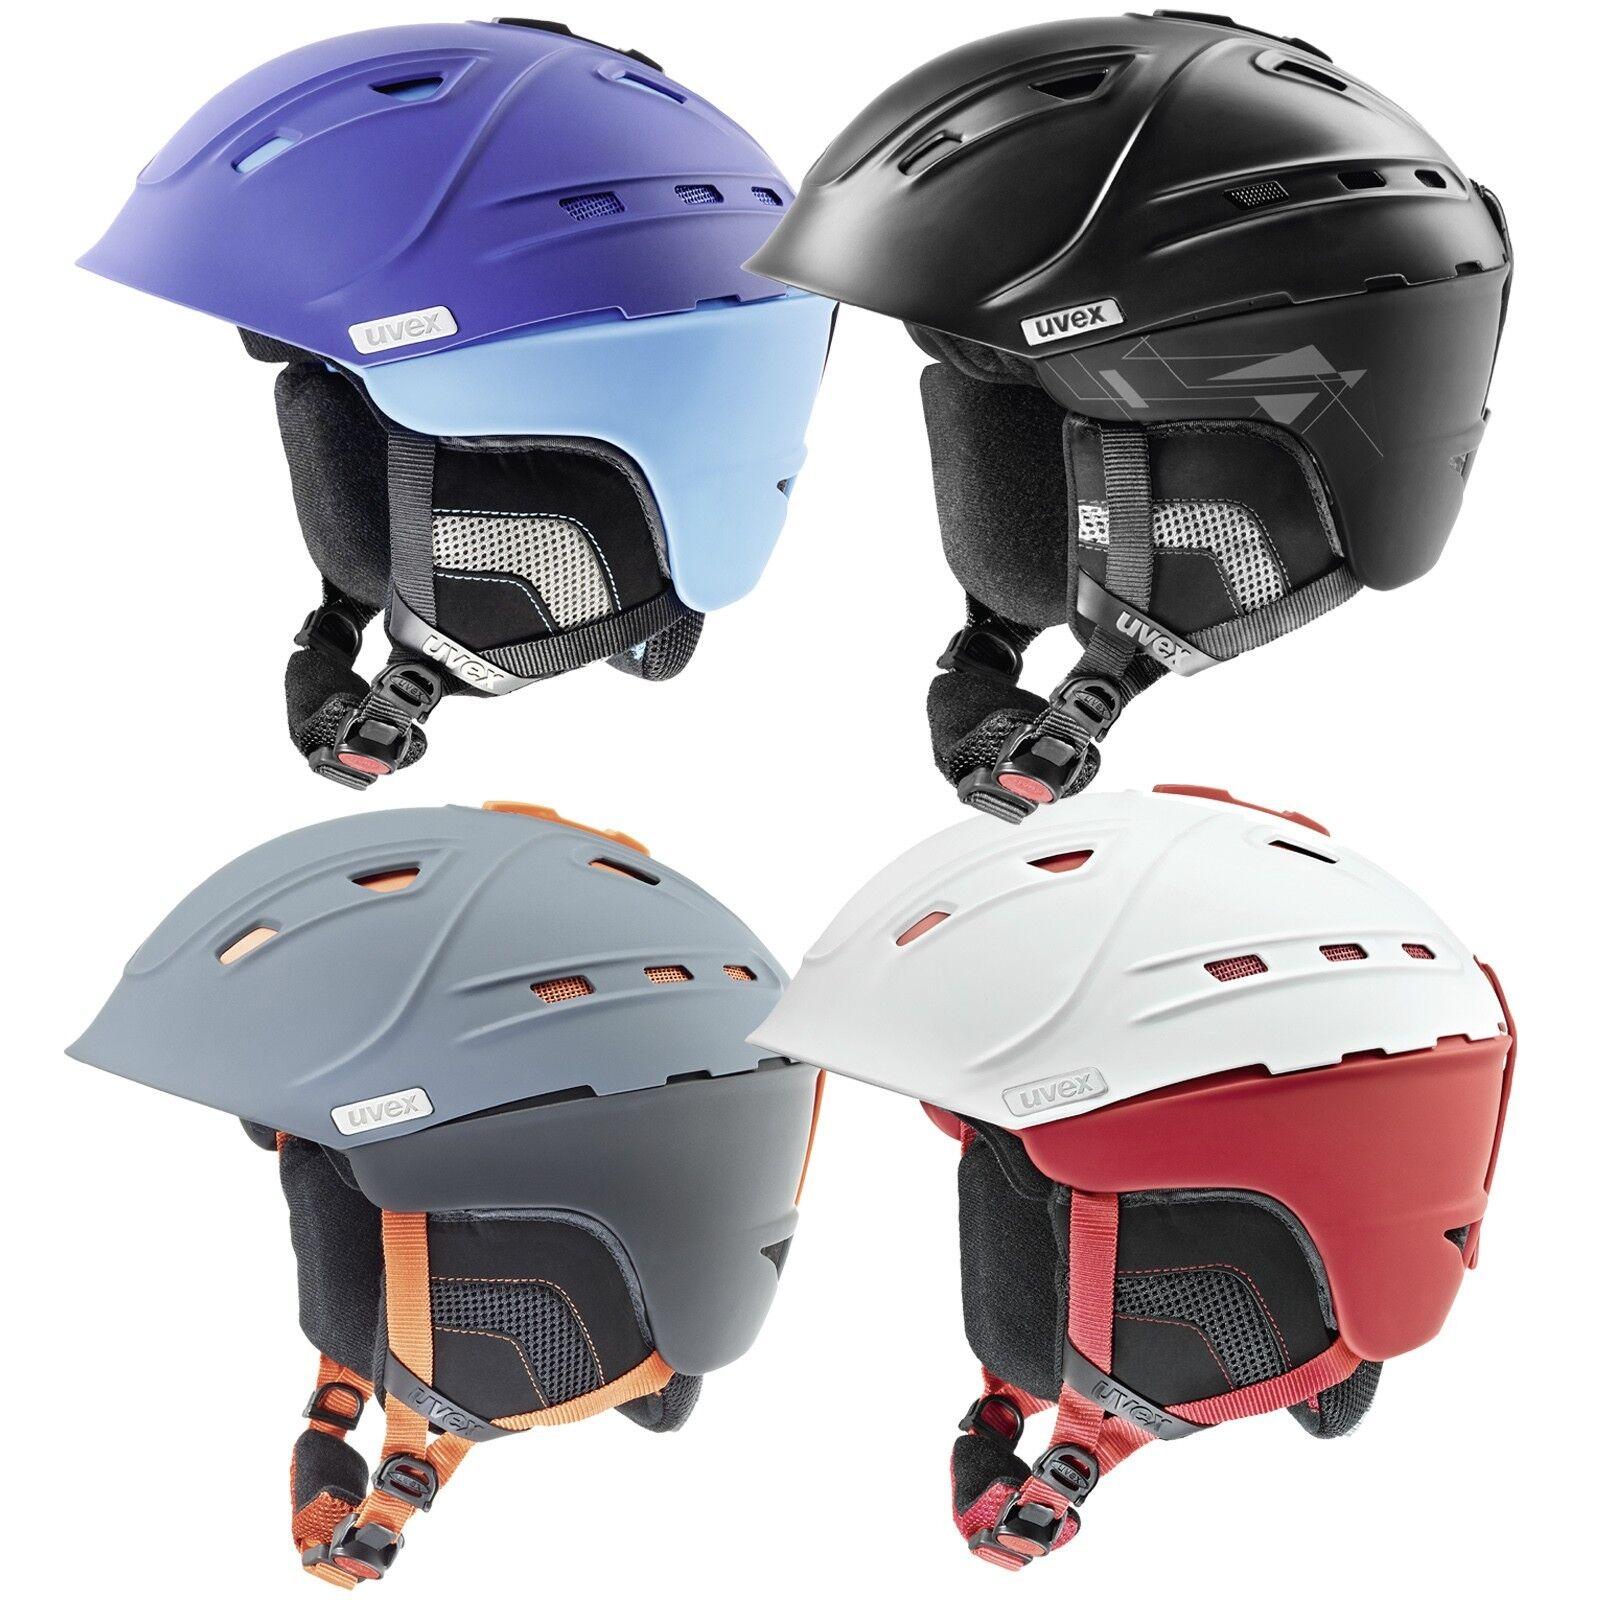 Uvex p2us Ski Helmet - all Mountain